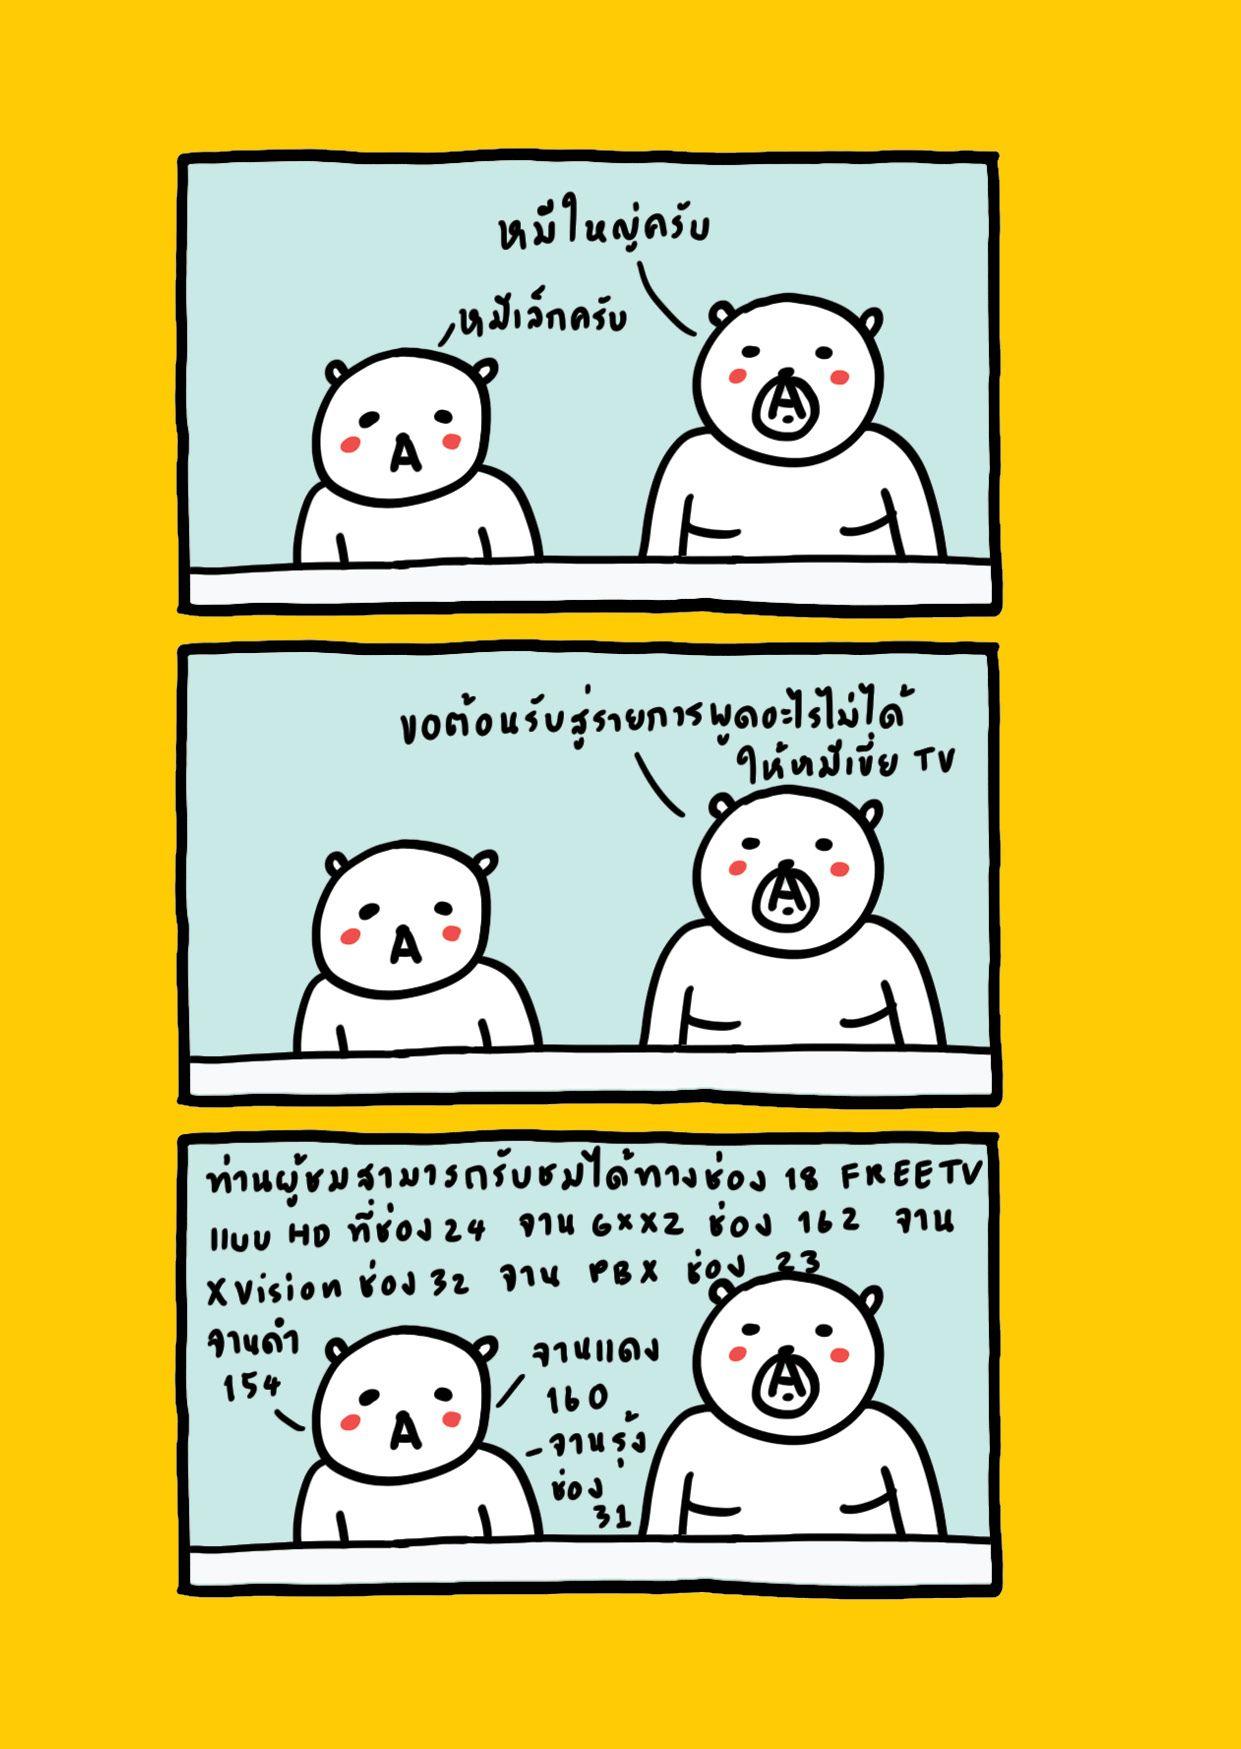 พูดอะไรไม่ได้ให้หมีเขี่ย ฉบับ คุย คุ้ย เขี่ย